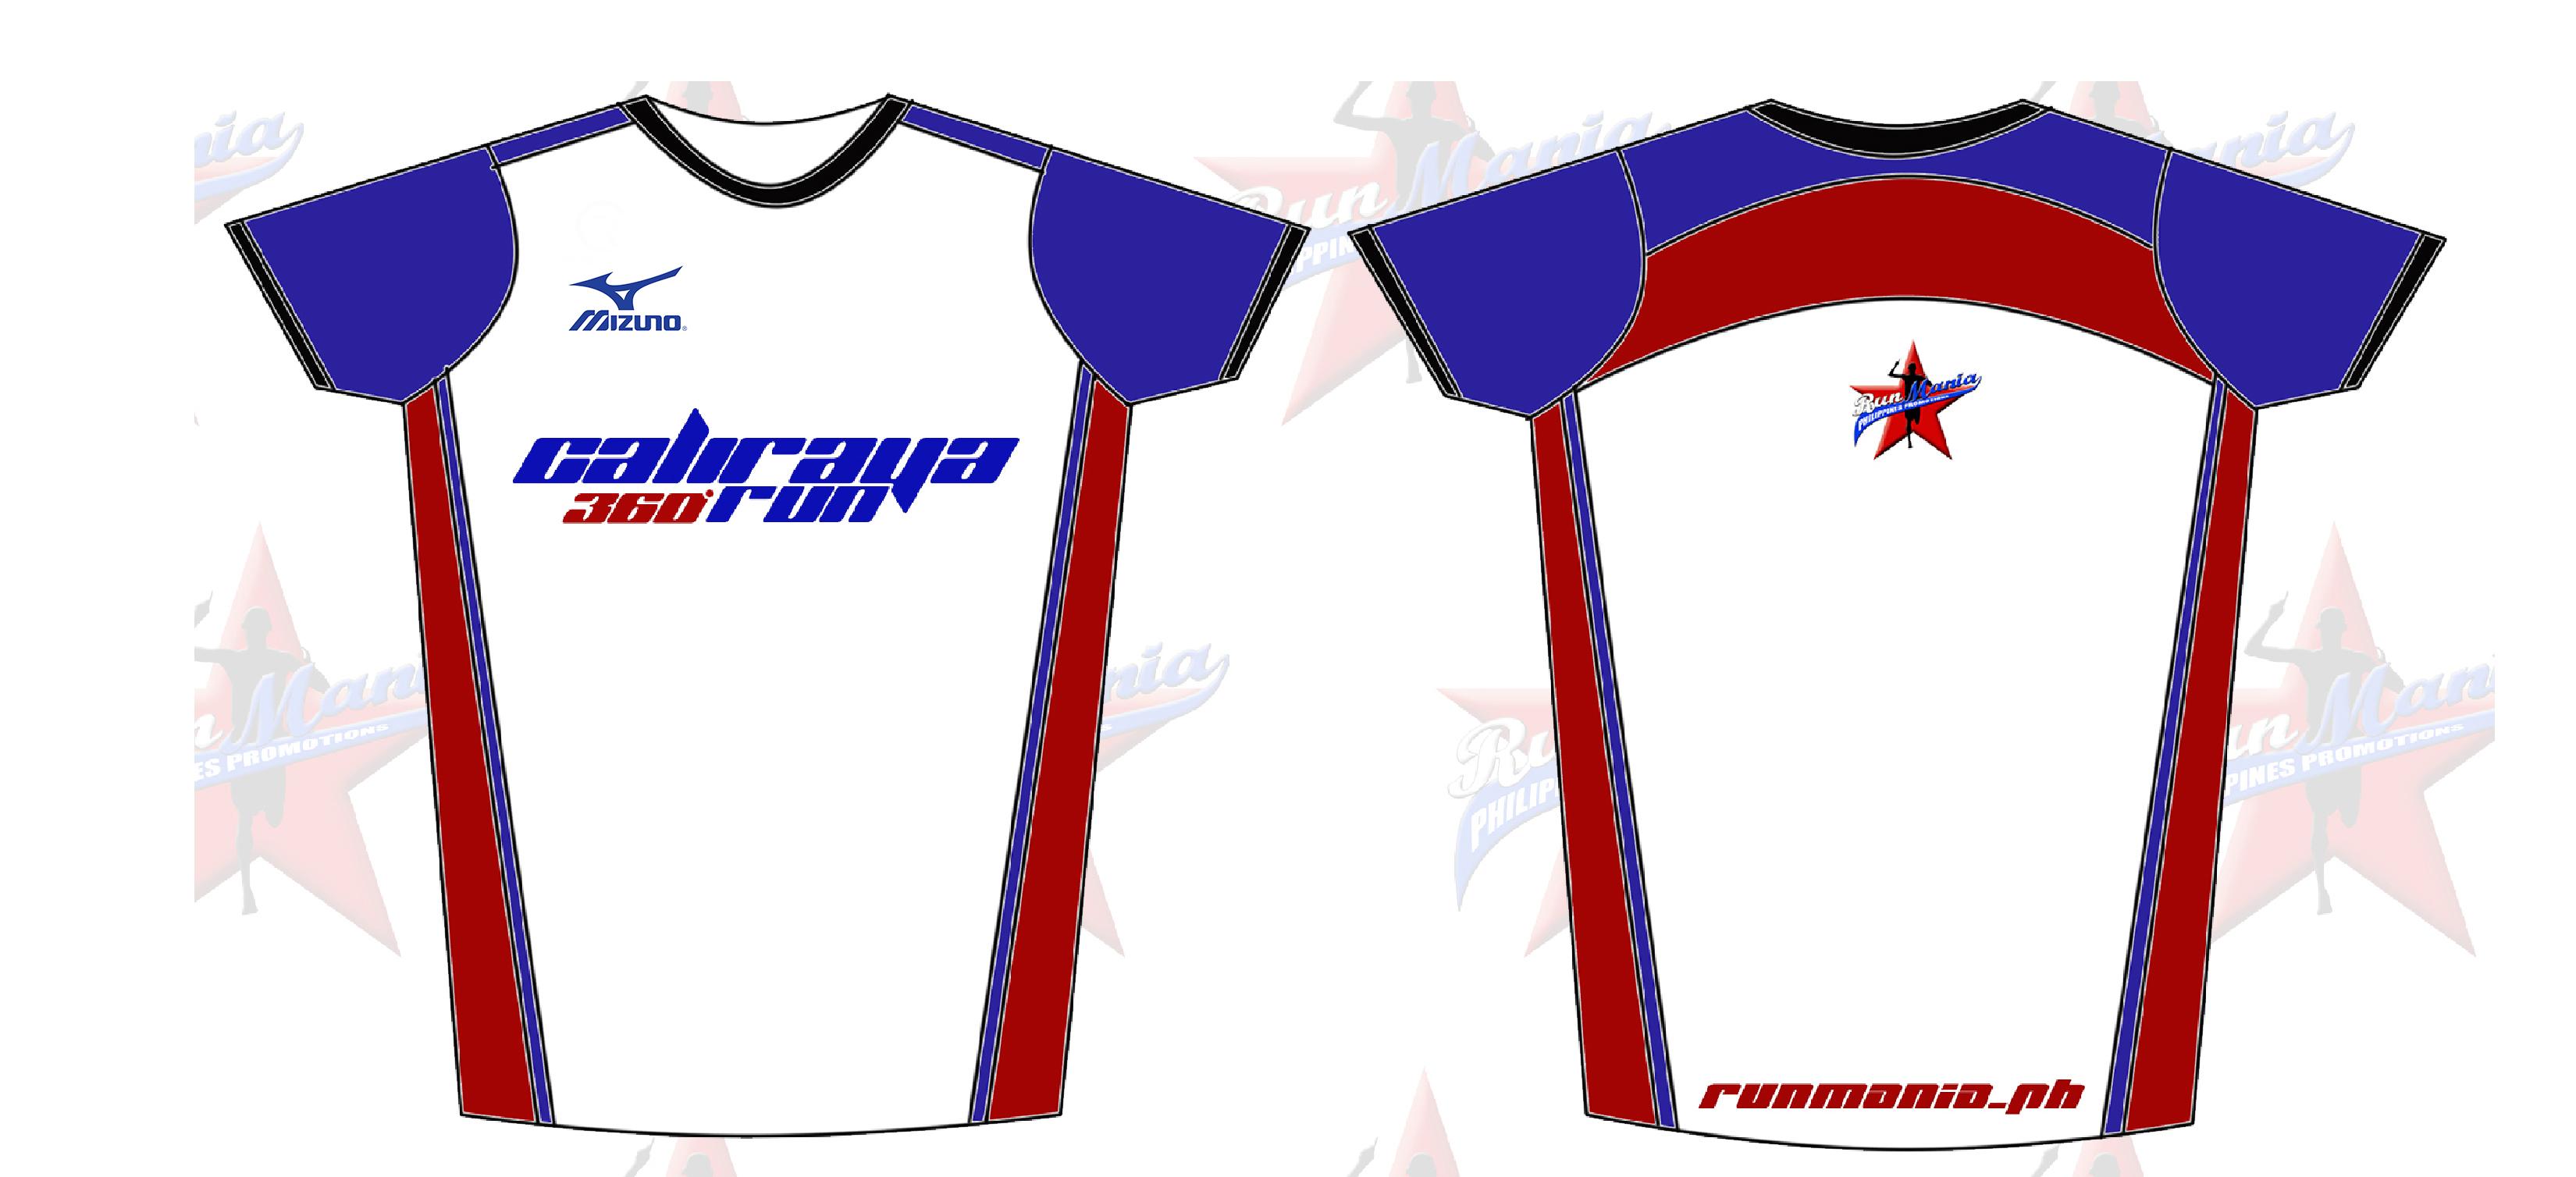 caliraya-360-run-2013-finisher-shirt-design